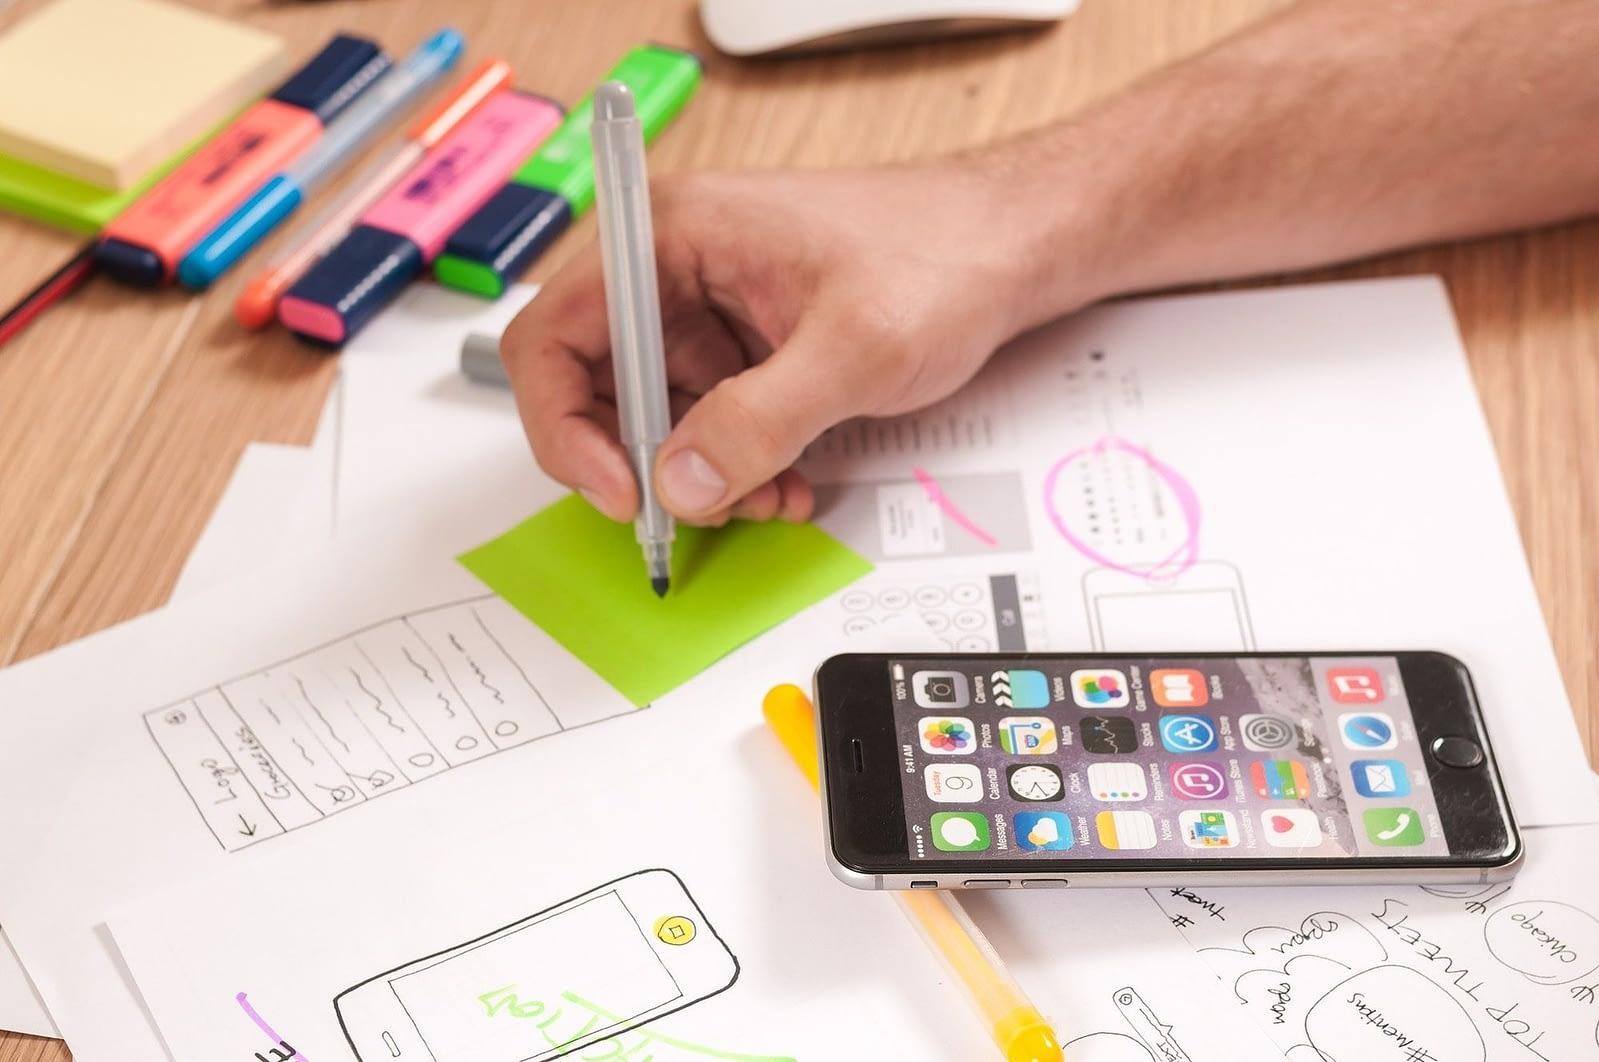 Cum identifici un UI design bun, proiect, resurse, UI design, design